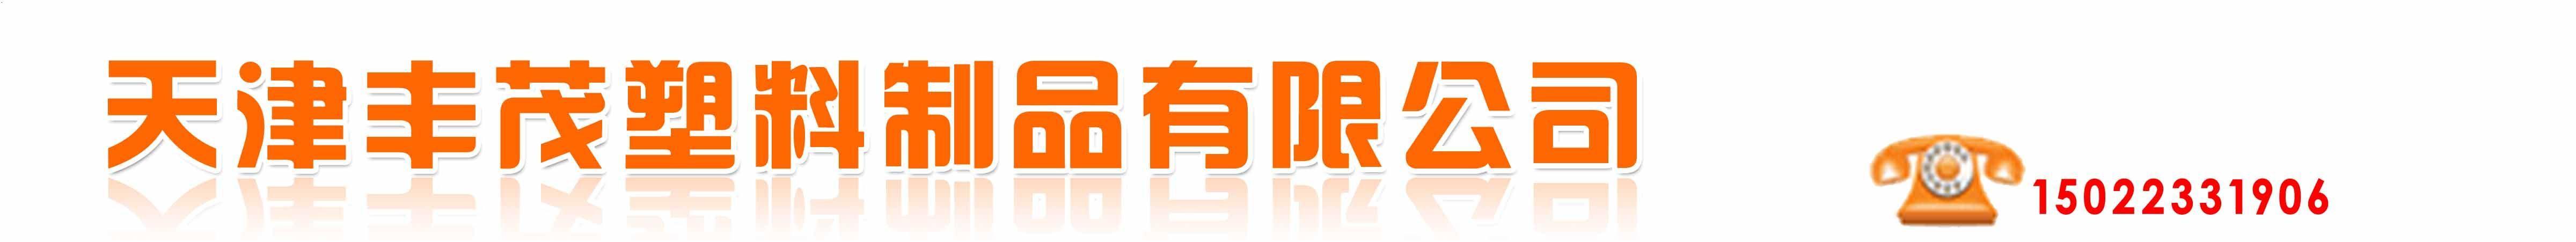 天津丰茂塑料制品有限公司